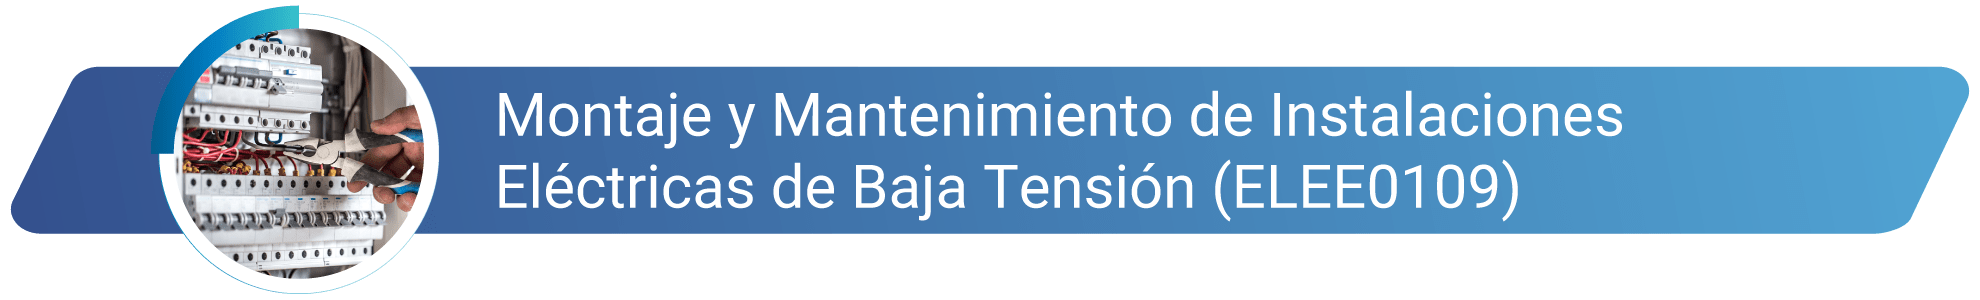 Montaje-y-Mtto-de-Instalaciones-Electricas-de-Baja-Tensión